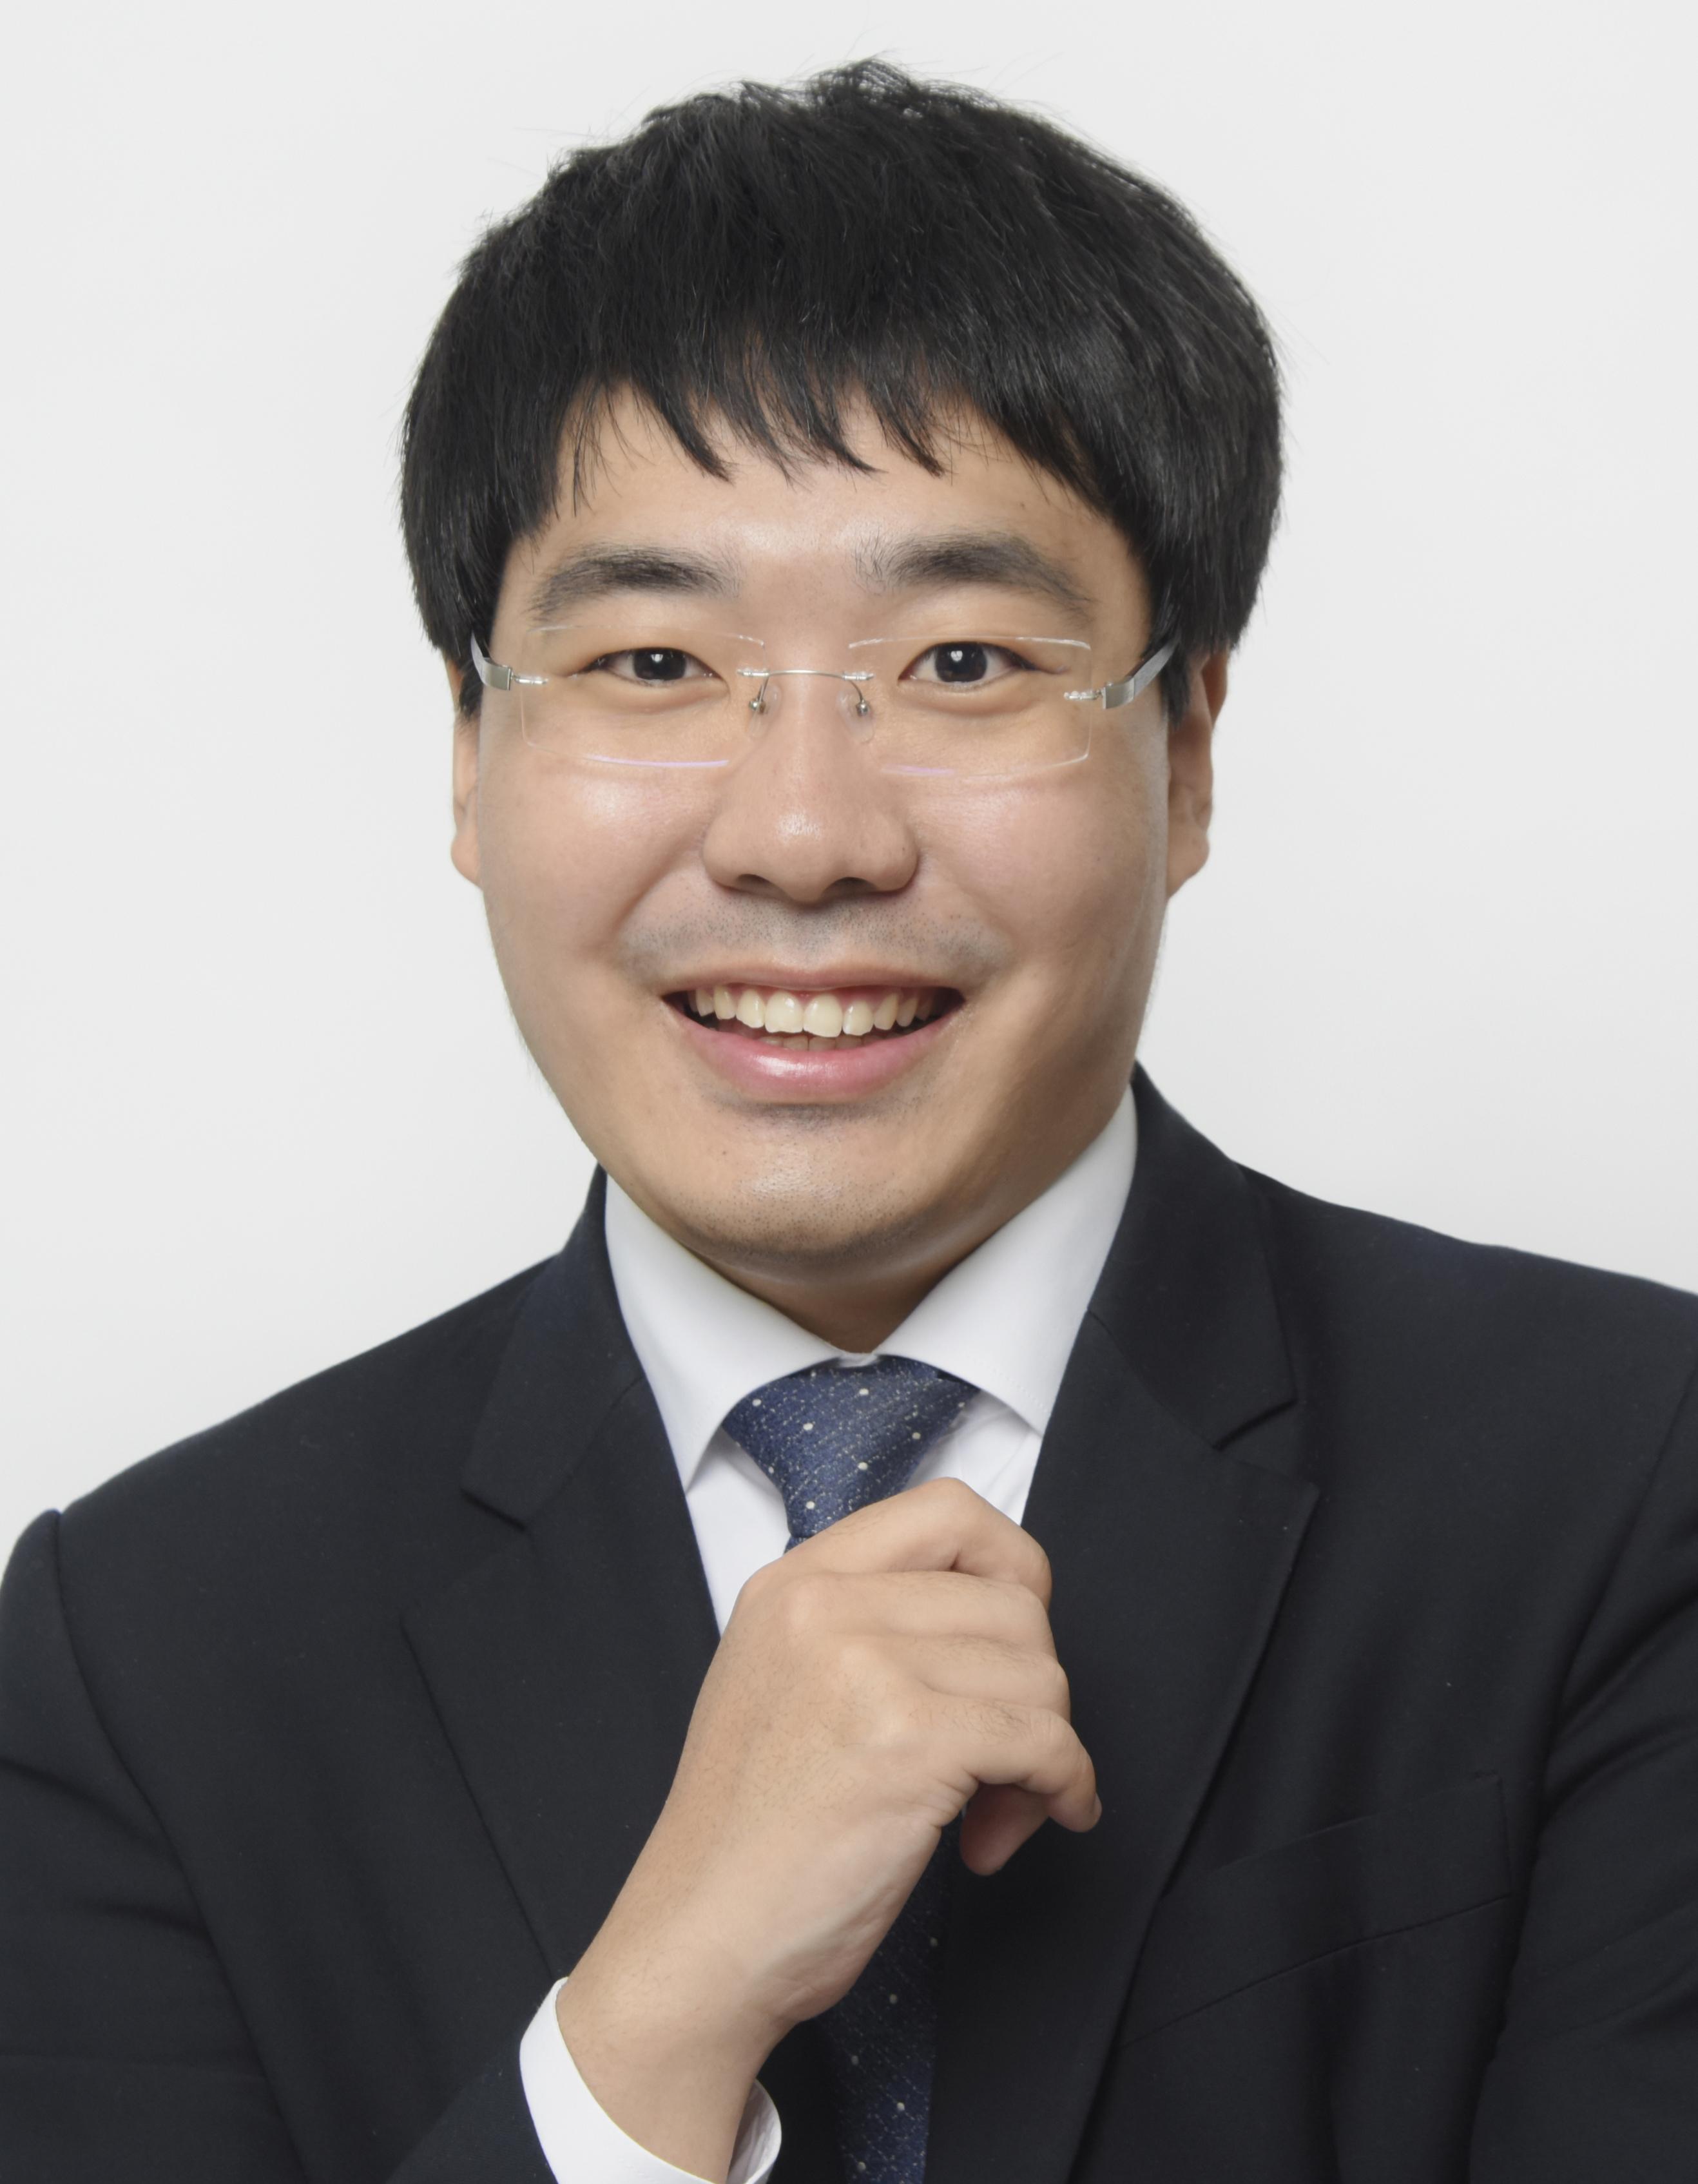 박현수 전도사님1